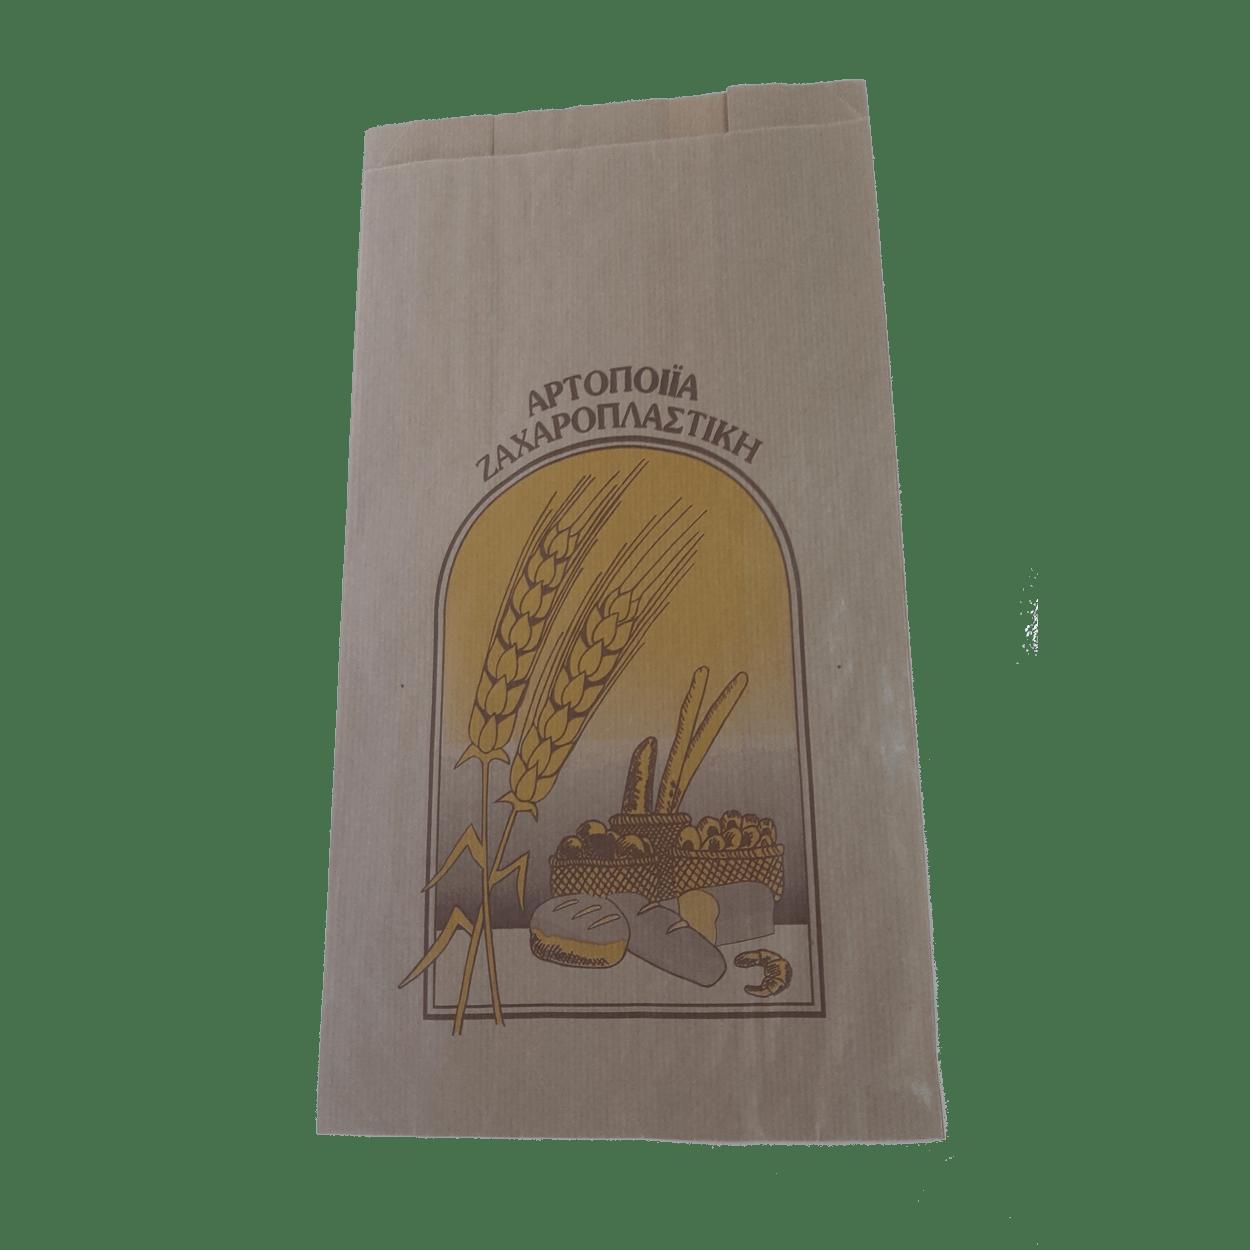 ΧΑΡΤΟΣΑΚΟΥΛΑ ΑΡΤΟΠΟΙΙΑΣ GREASEPROOF 20+11×34 ΚΡΑΦΤ(ΣΤΑΧY)